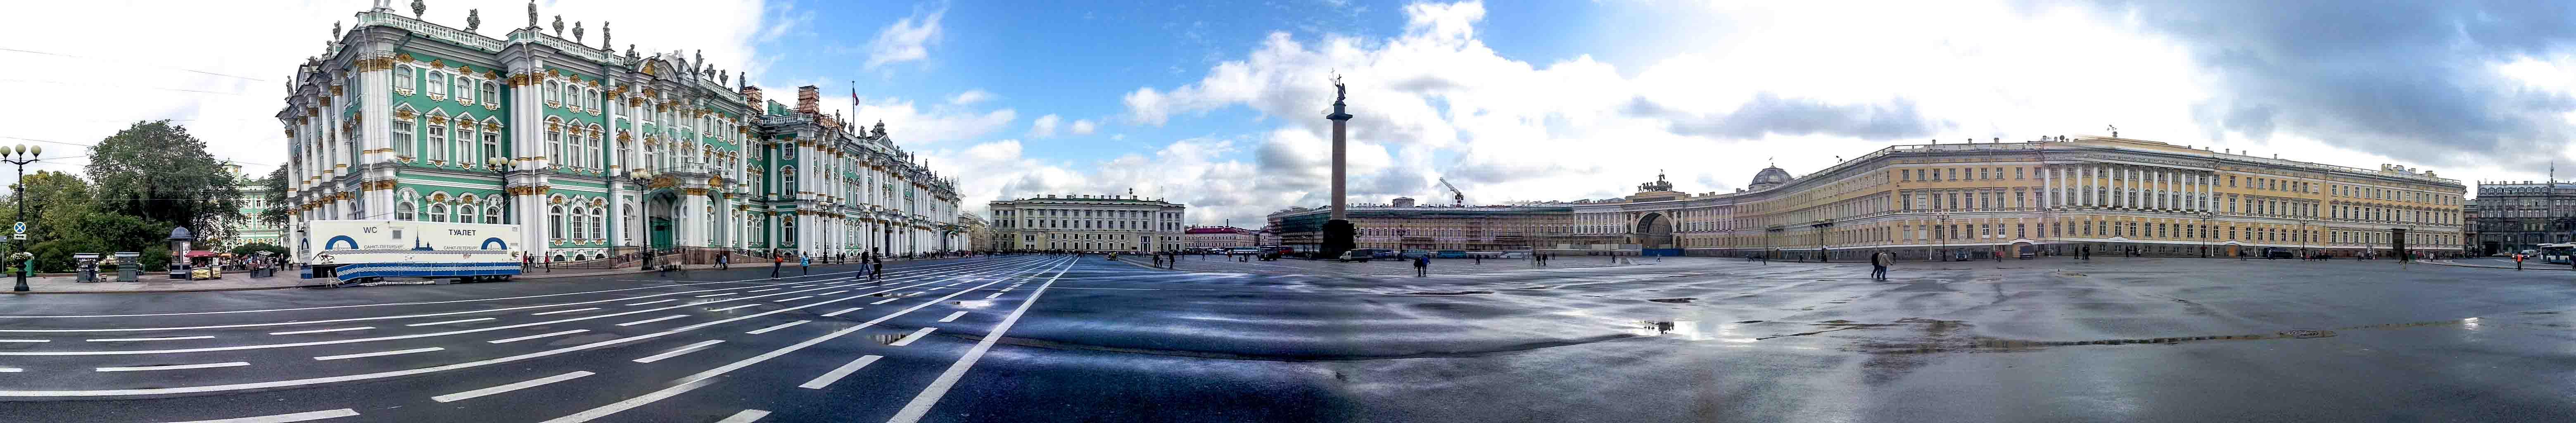 Saint Petersburg,St.Petersburg,russia,Hermitage Museum